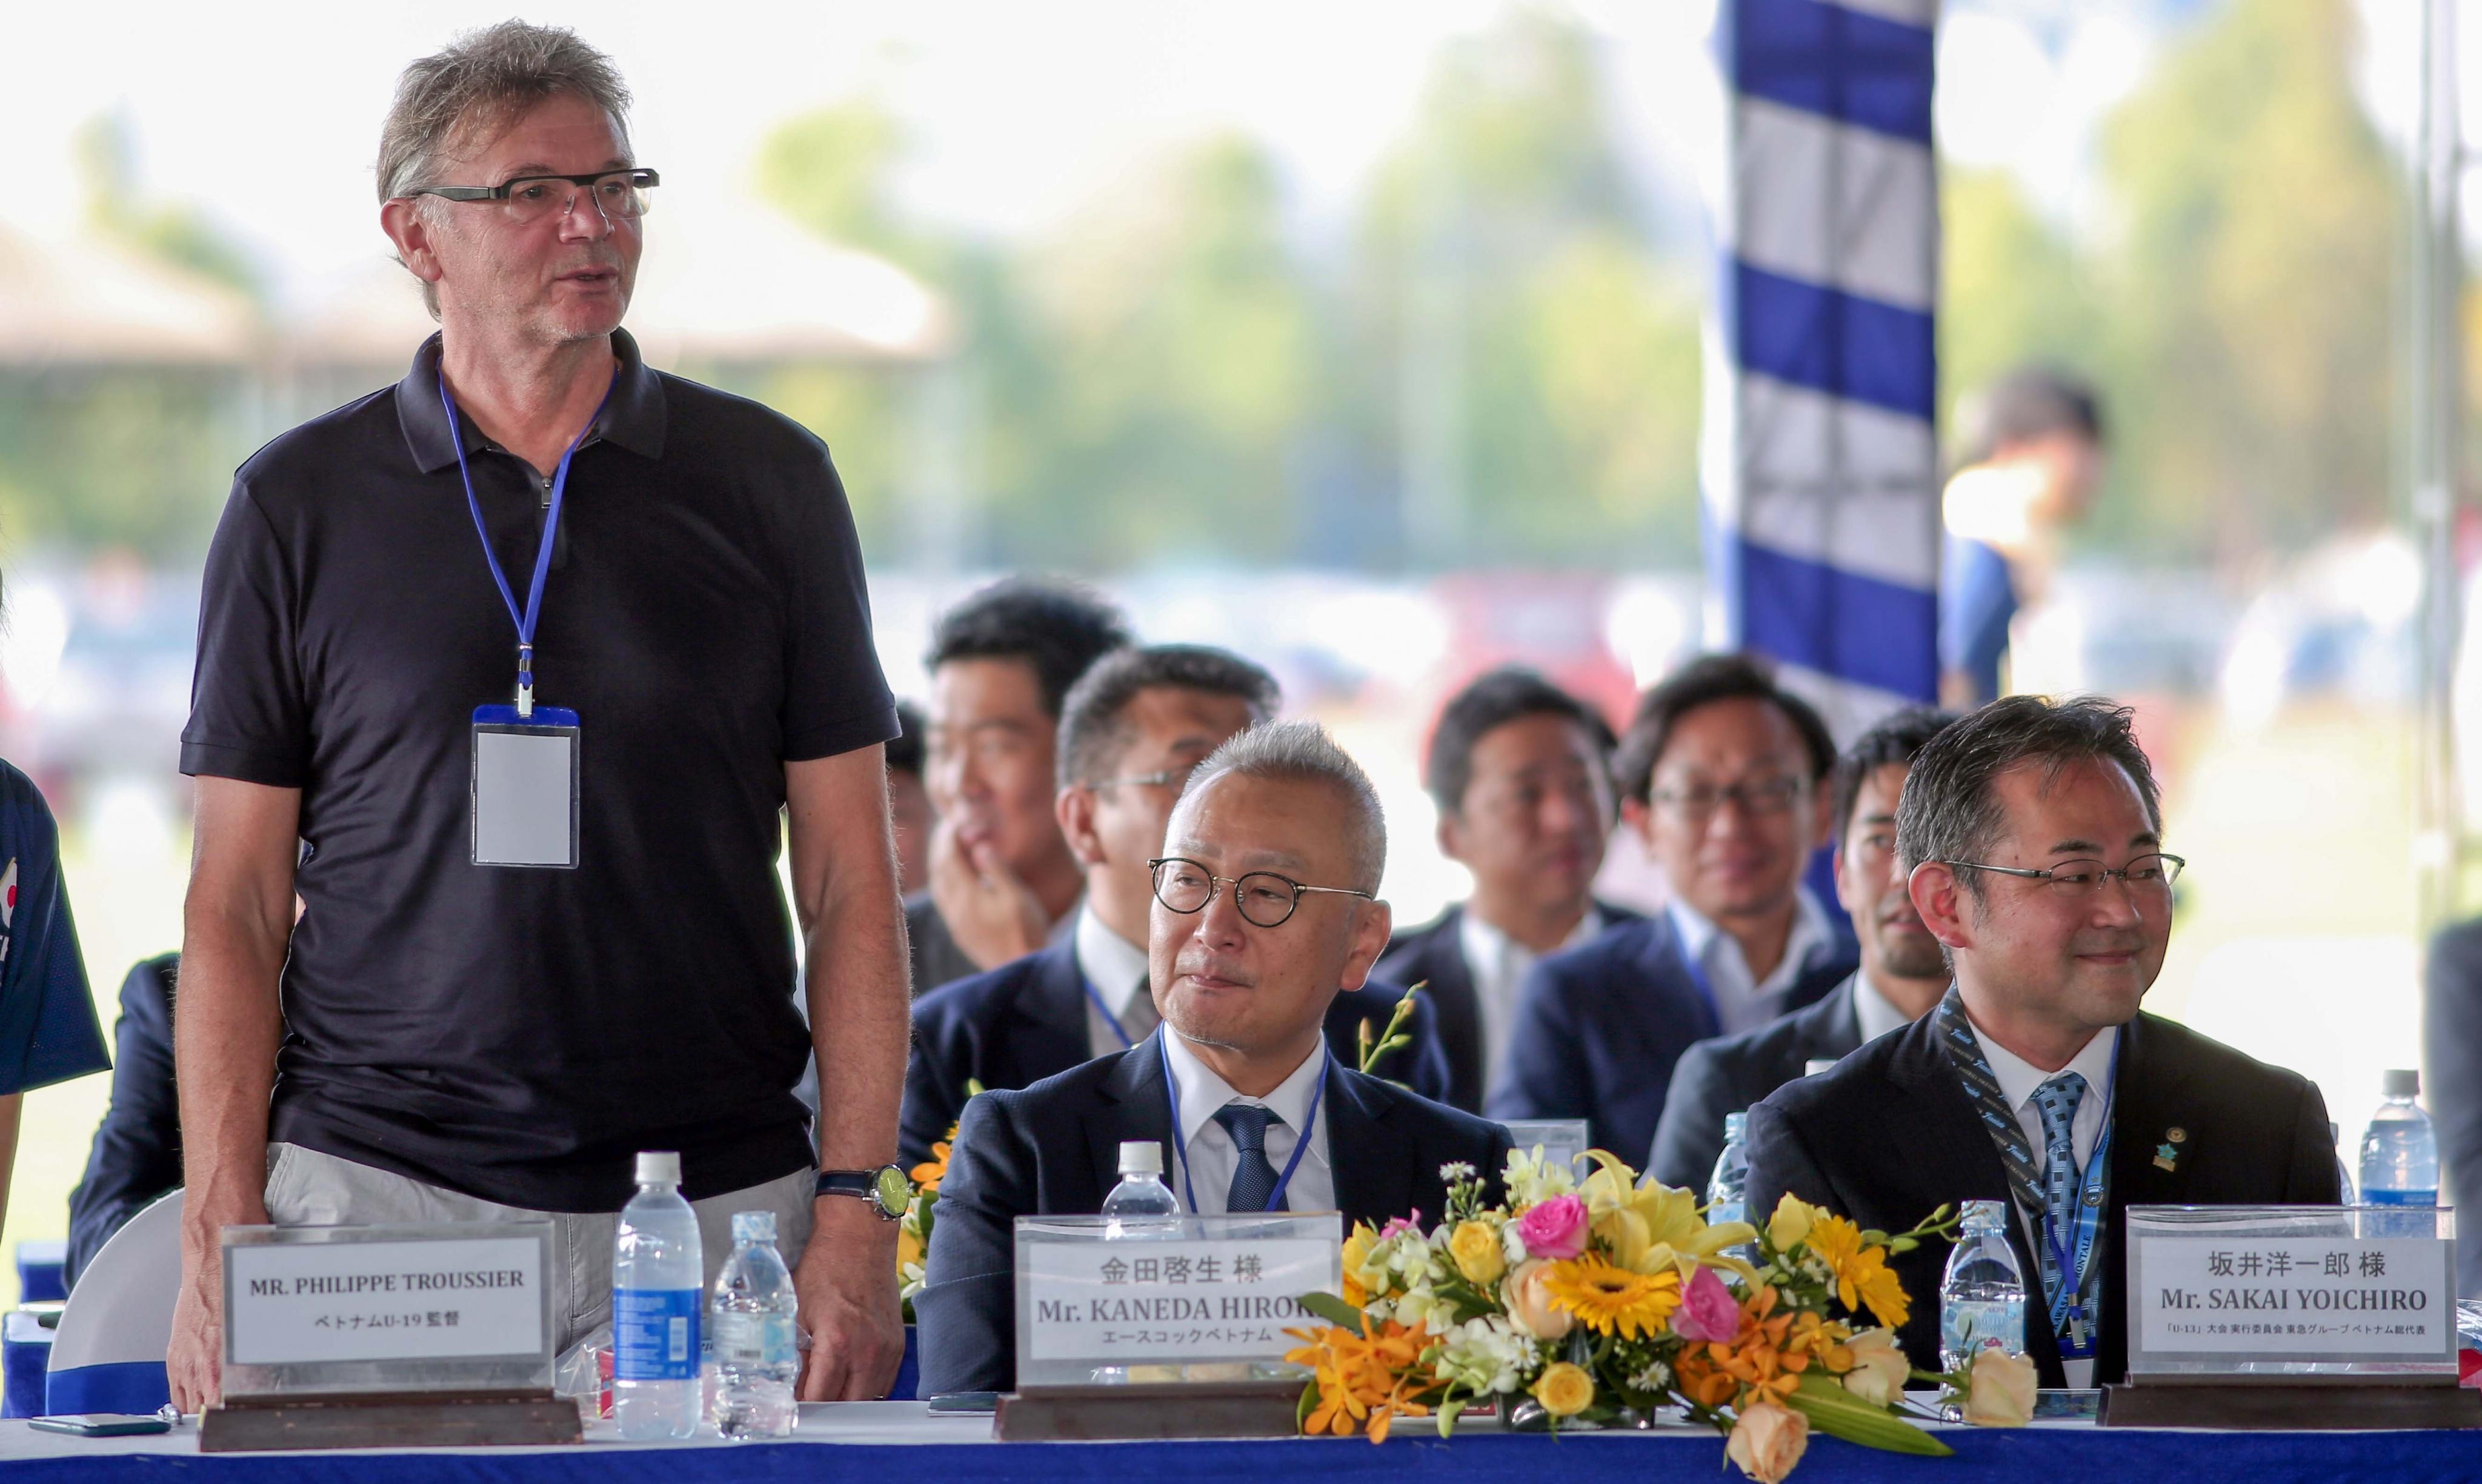 'Phù thủy trắng' Philippe Troussier: 'Bóng đá Việt Nam không thua kém Nhật Bản'